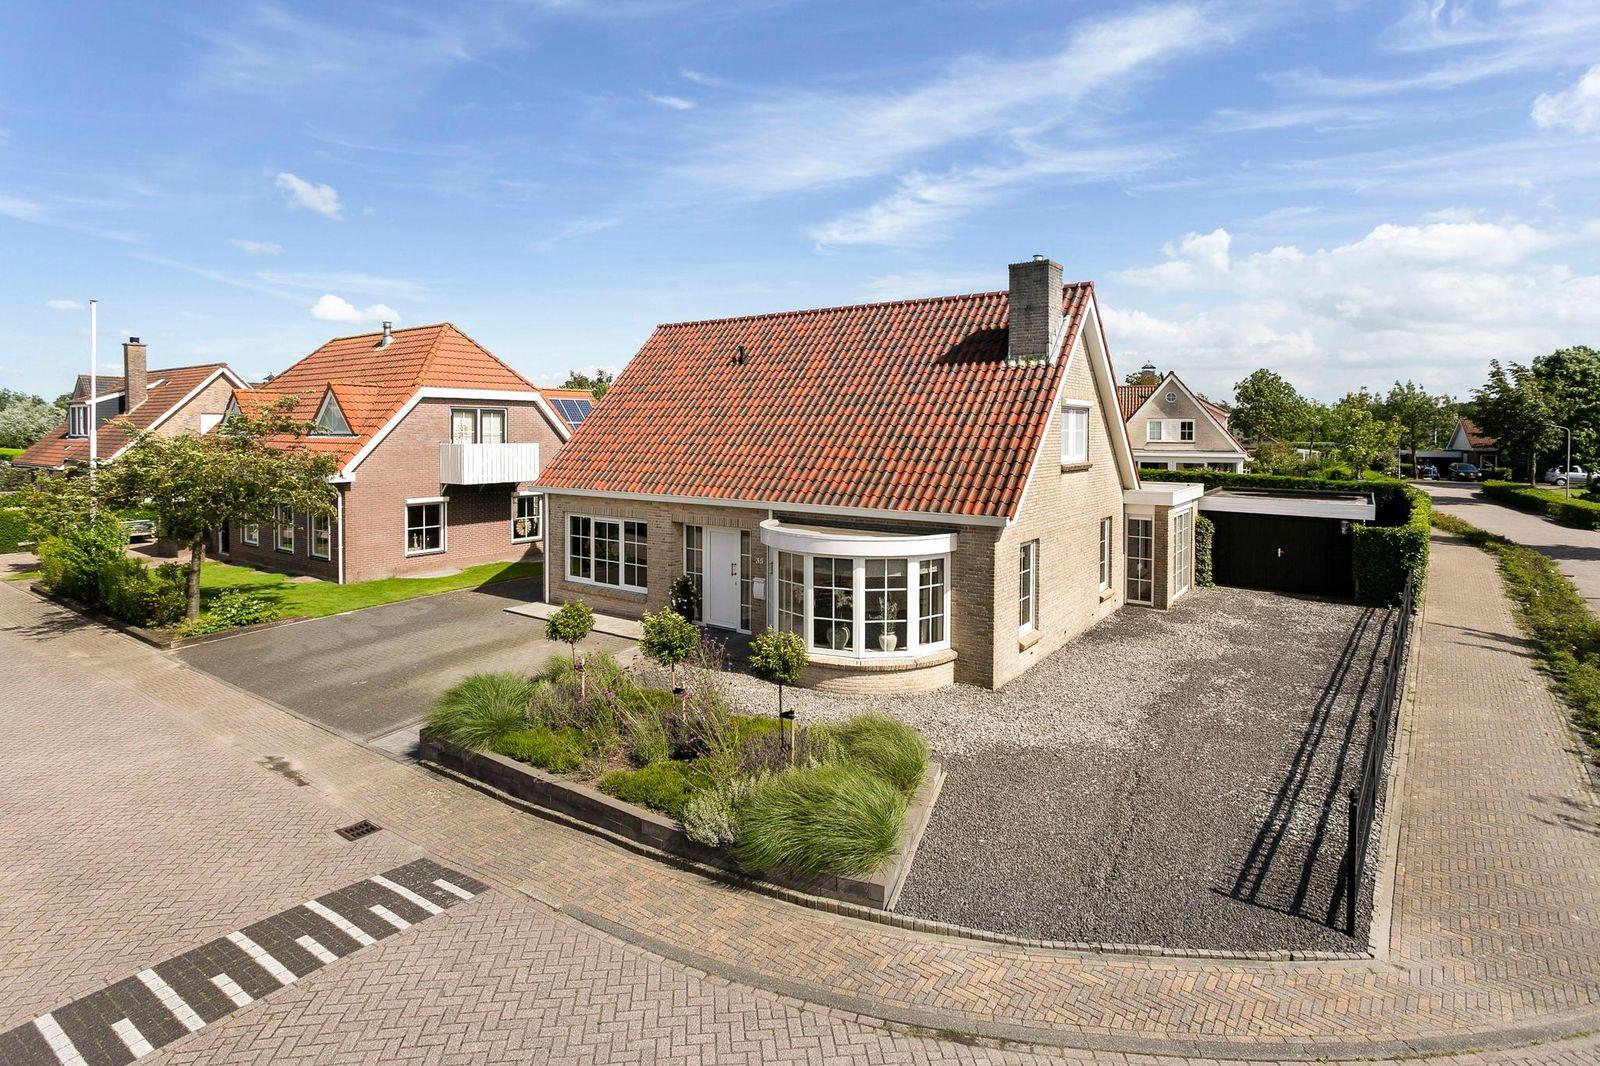 d'Heule 35, Nieuwerkerk